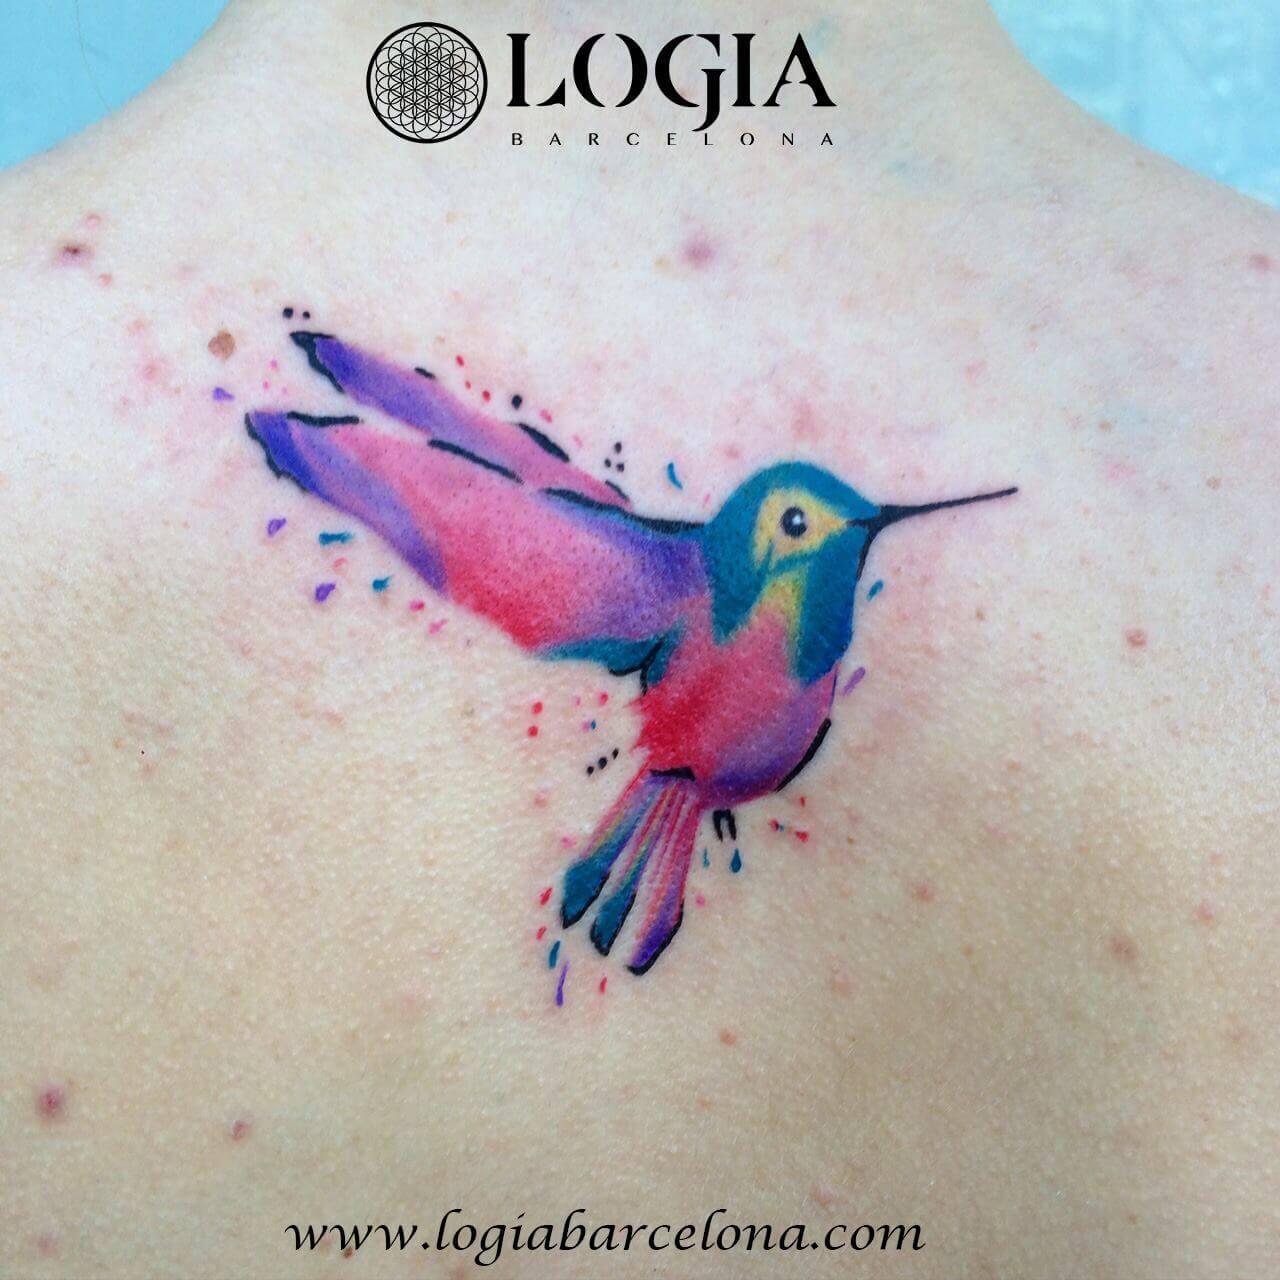 Cuidar tu tatuaje los primeros días